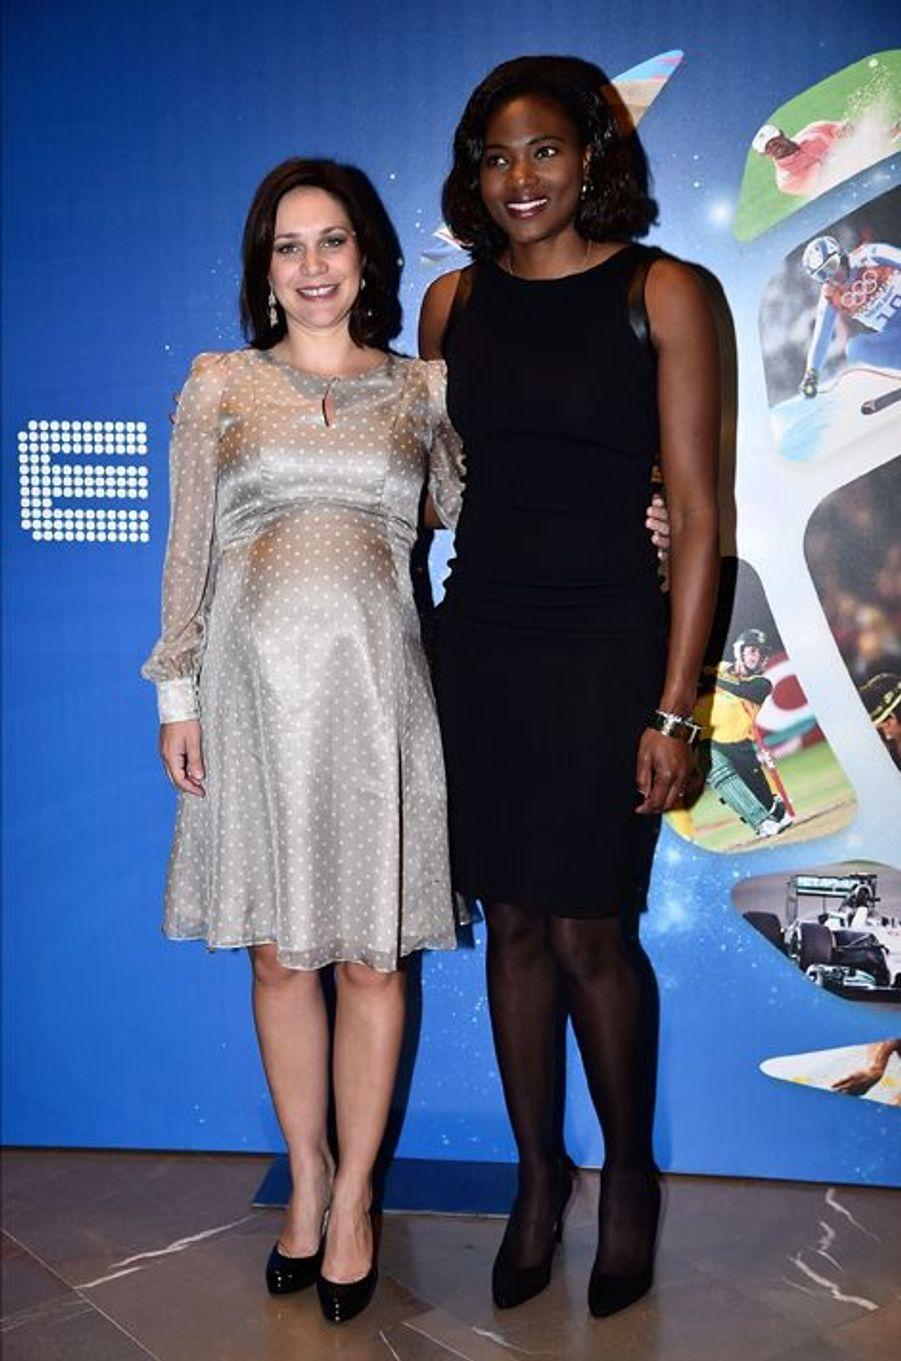 Nathalie Péchalat et Muriel Hurtis à la convention Sportel Monaco 2015 le 13 octobre dernier.